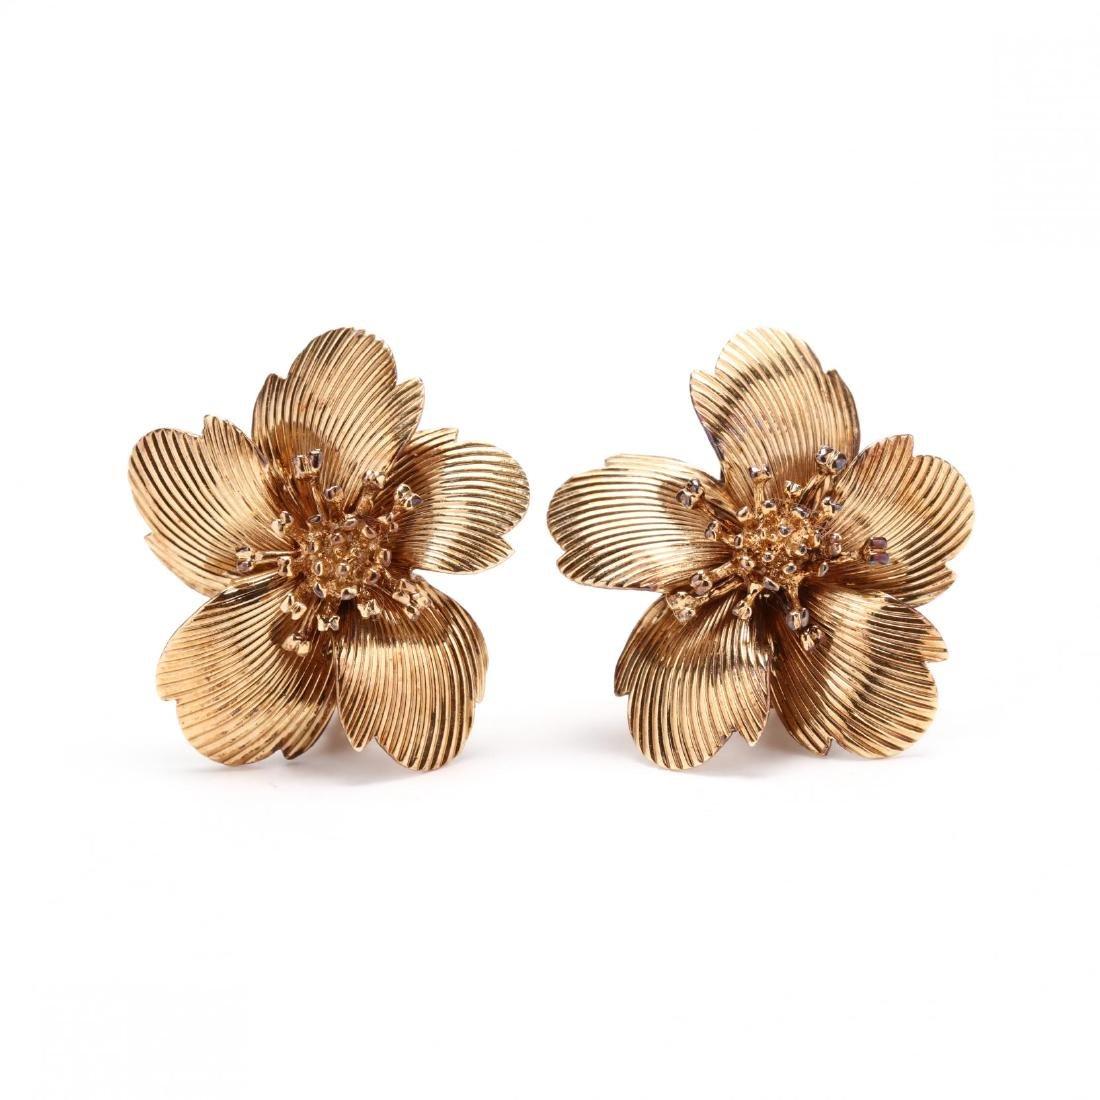 Vintage 14KT Gold Flower Earrings, Cartier